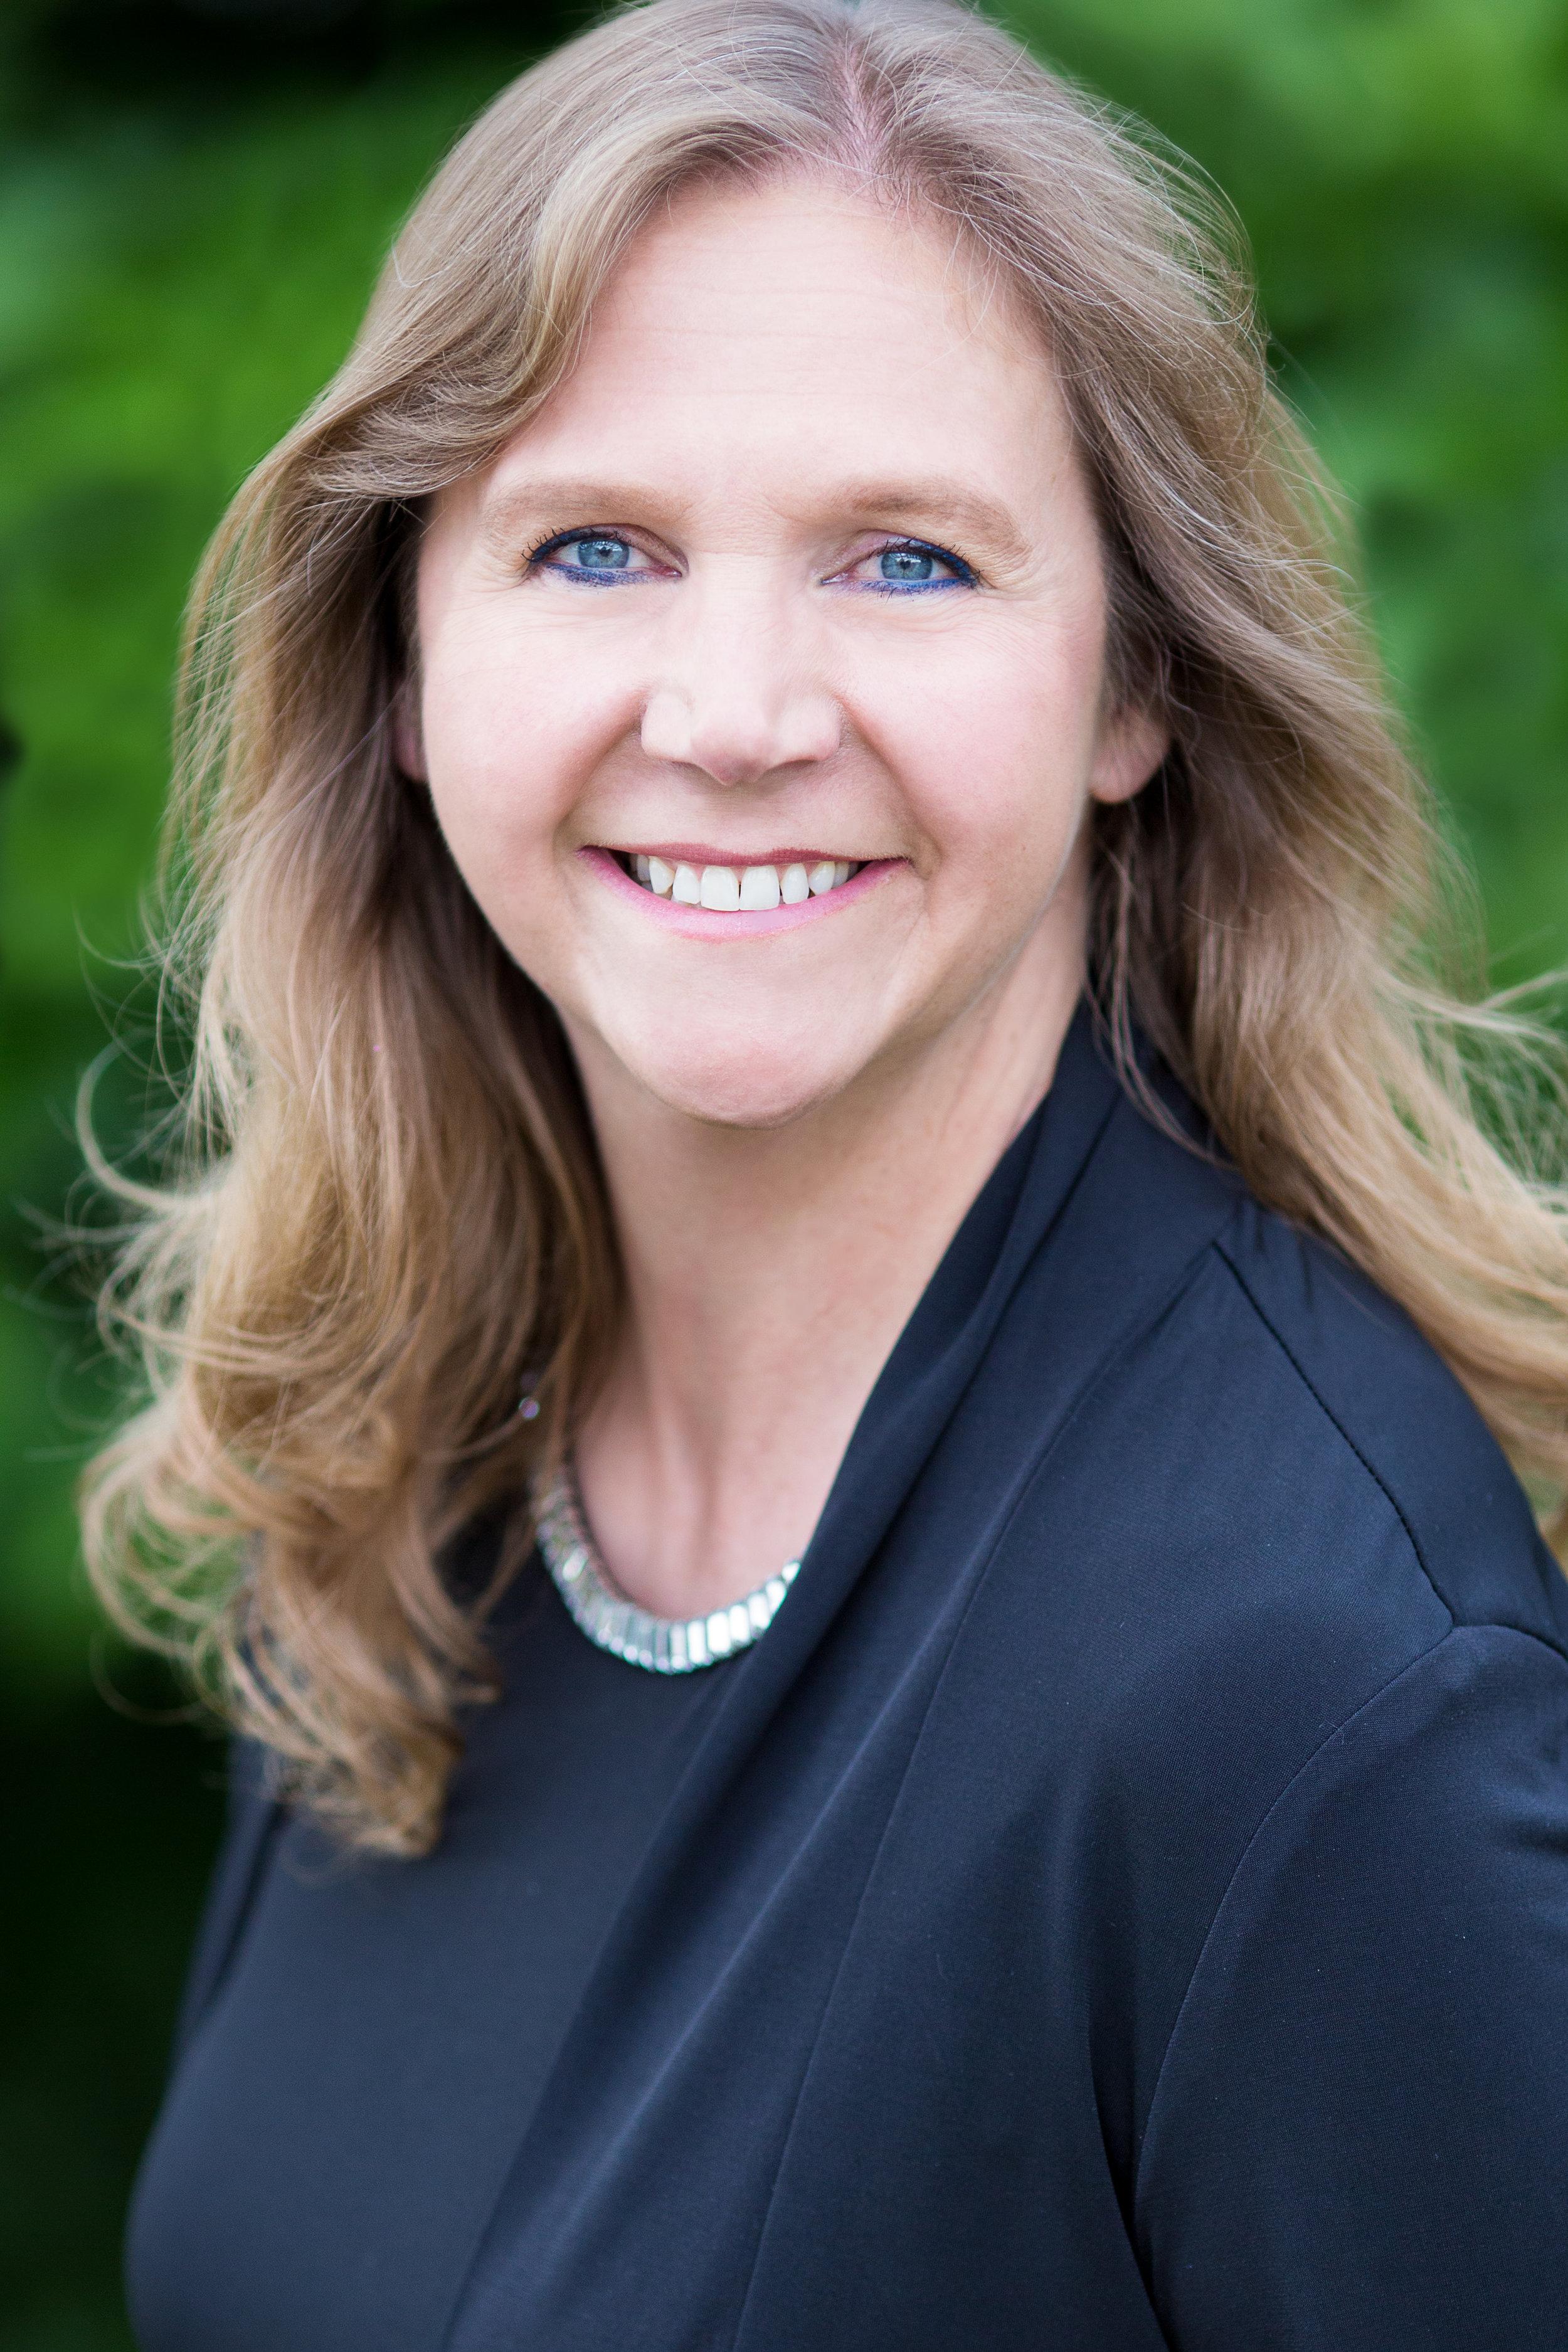 Rachel Kirsten Hallenbeck - November 1, 1965 - May 3, 2019